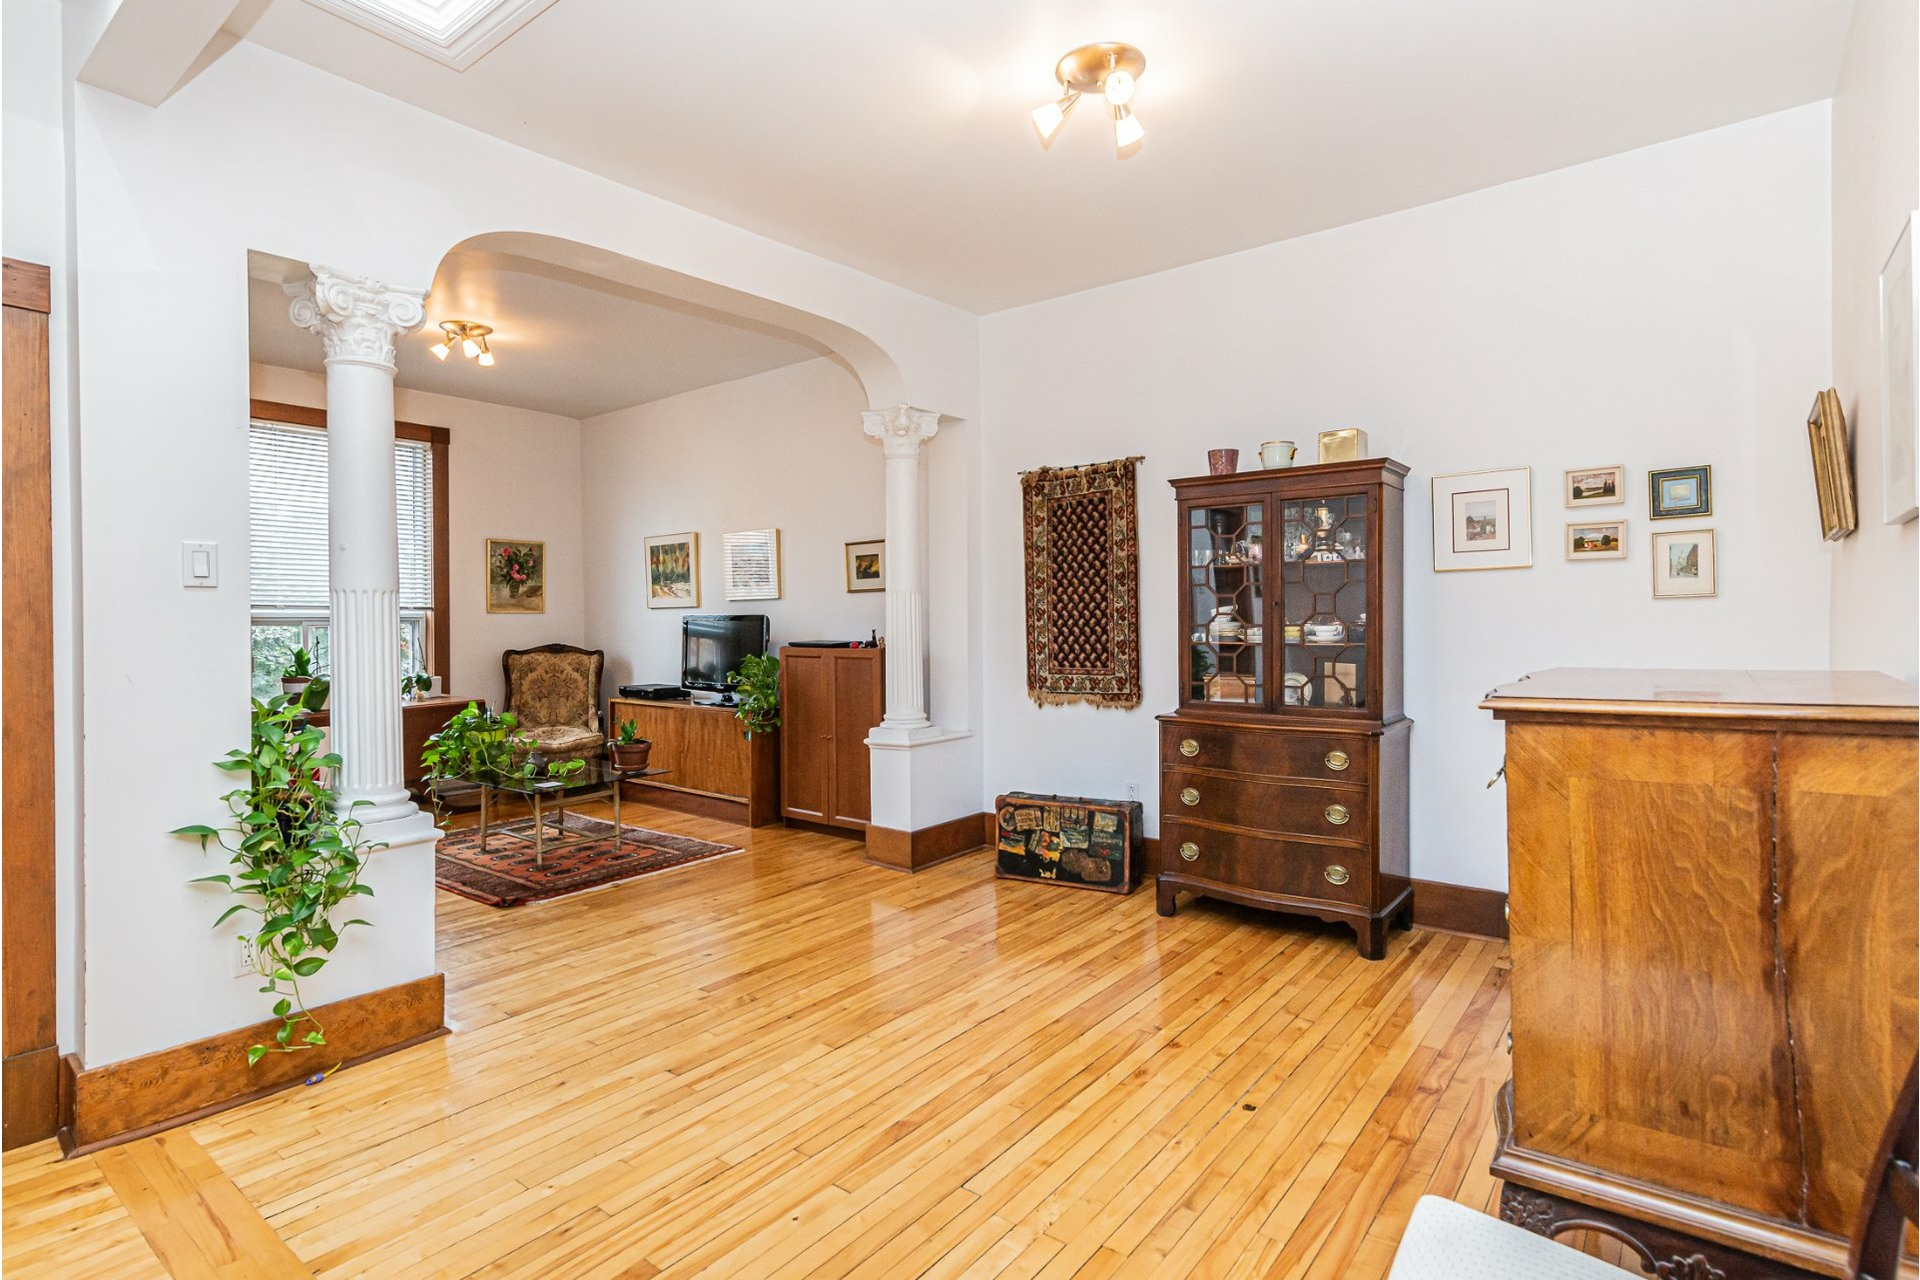 image 31 - Duplex À vendre Côte-des-Neiges/Notre-Dame-de-Grâce Montréal  - 5 pièces